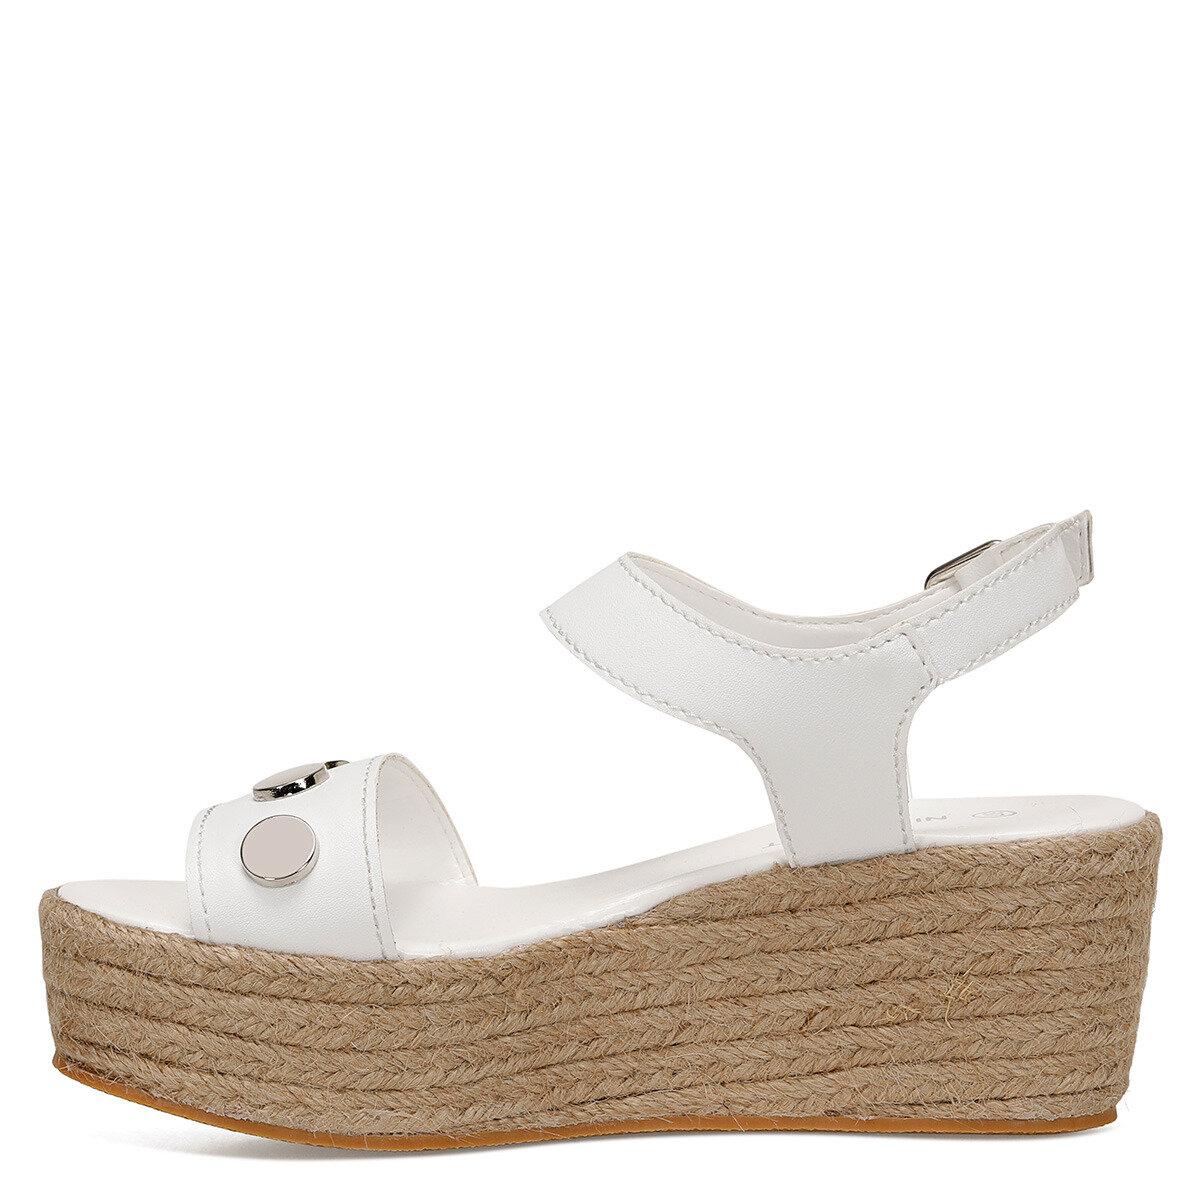 VALADON Beyaz Kadın Dolgu Topuklu Sandalet